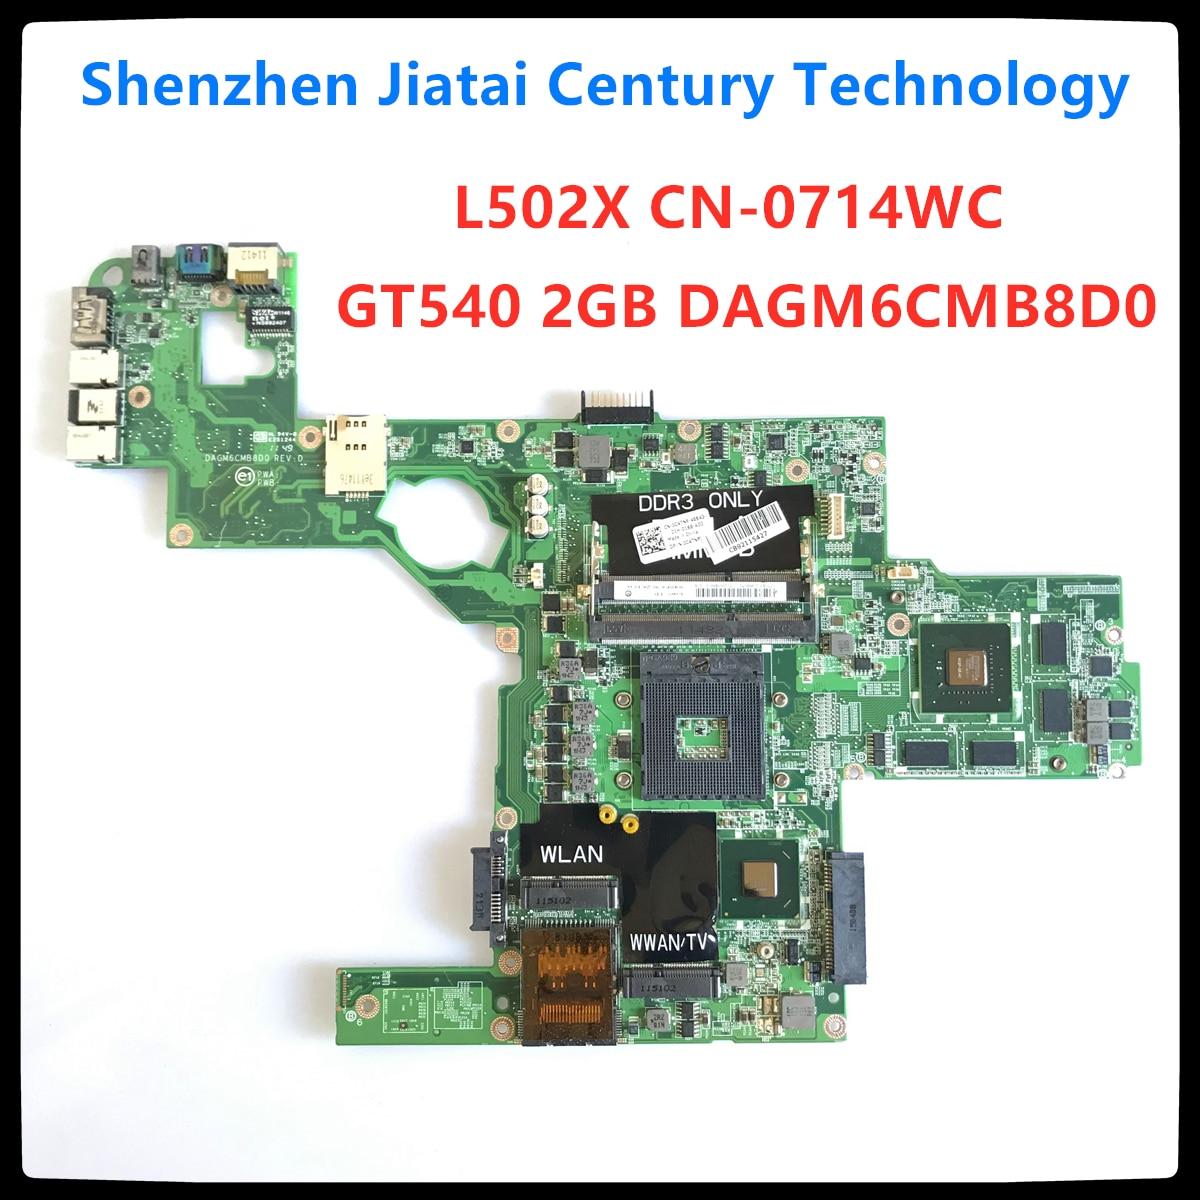 Материнская плата DAGM6CMB8D0 для Dell XPS L502X материнская плата для ноутбука 714WC 0714WC CN-0714WC GT540M 2G полностью протестированная работа 100% оригинал